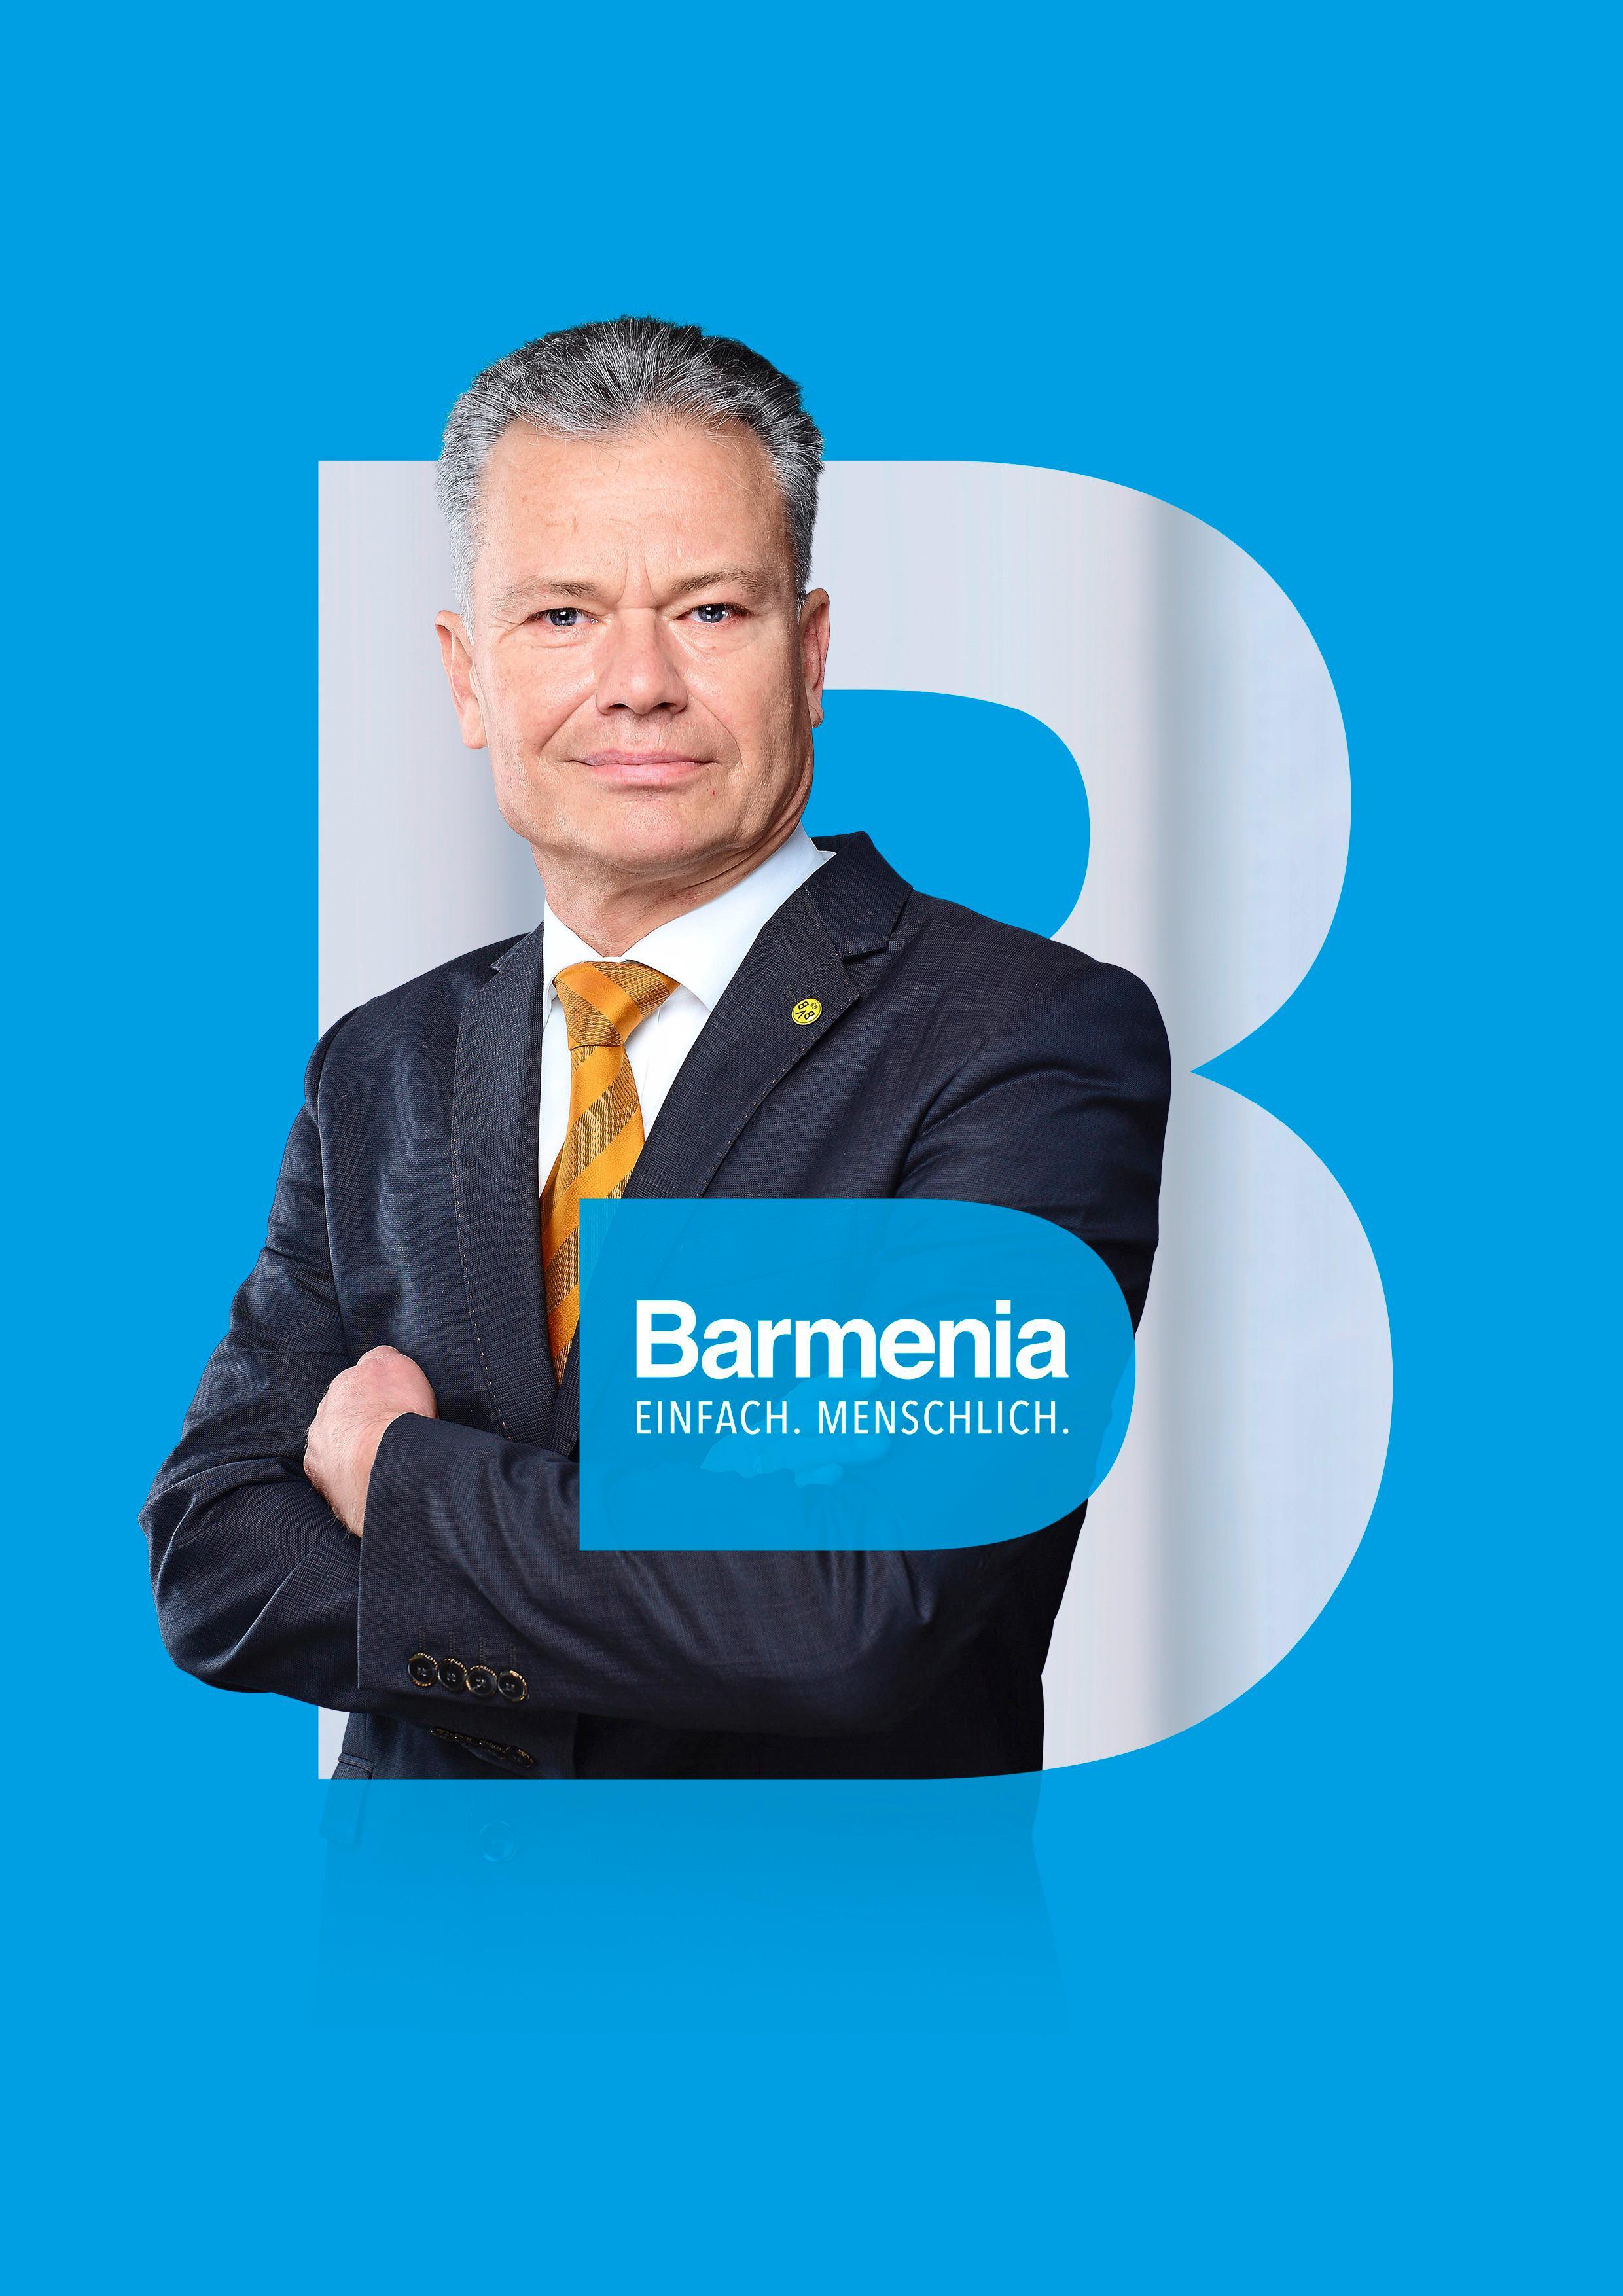 Rene Bienert. Ihr Ansprechpartner für die Barmenia Versicherung in Halle (Saale).